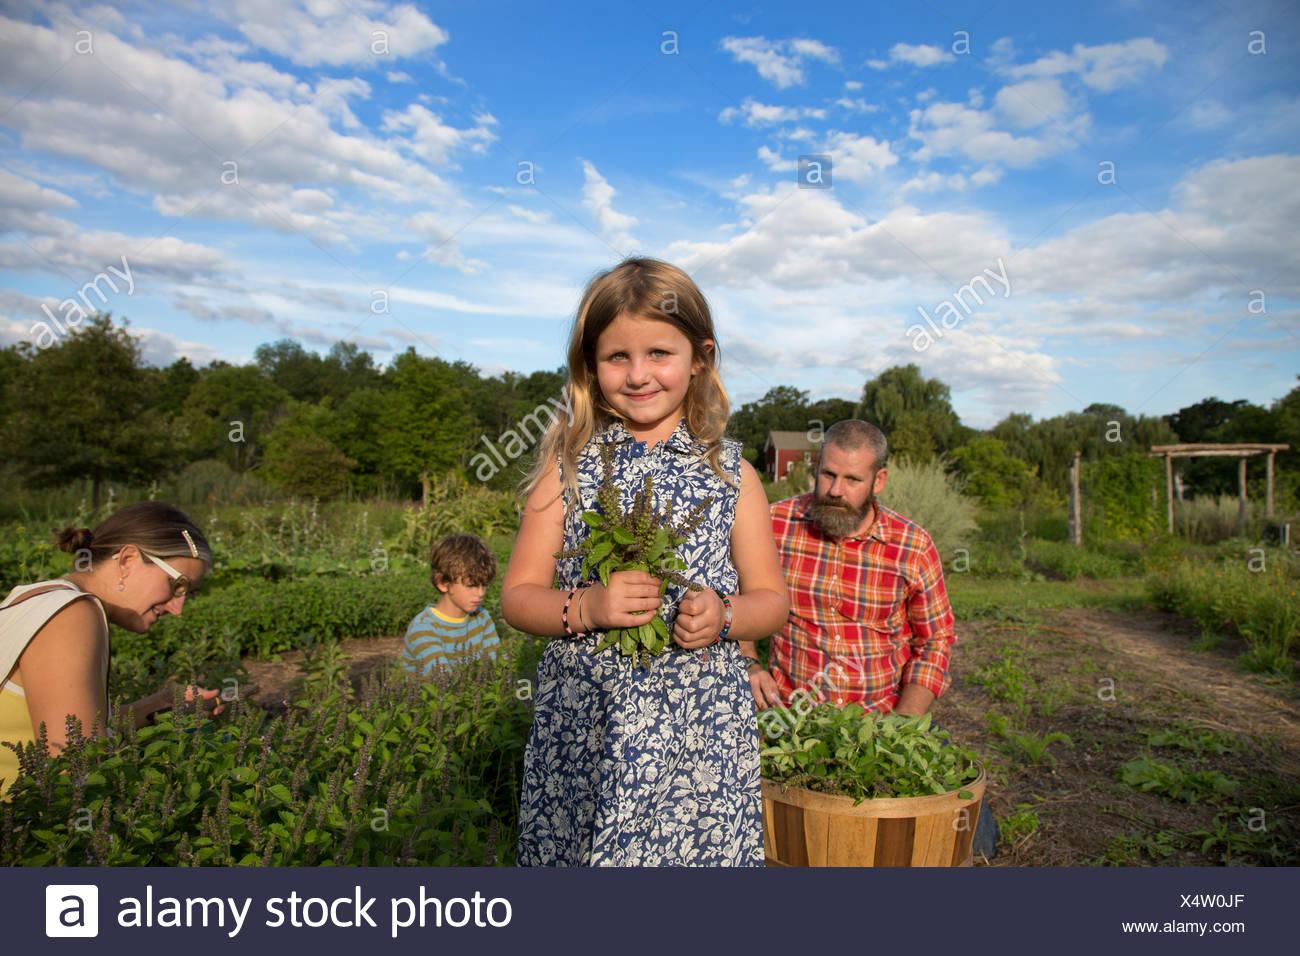 Ritratto di ragazza con mazzo di foglie sulla famiglia fattoria di erbe Immagini Stock